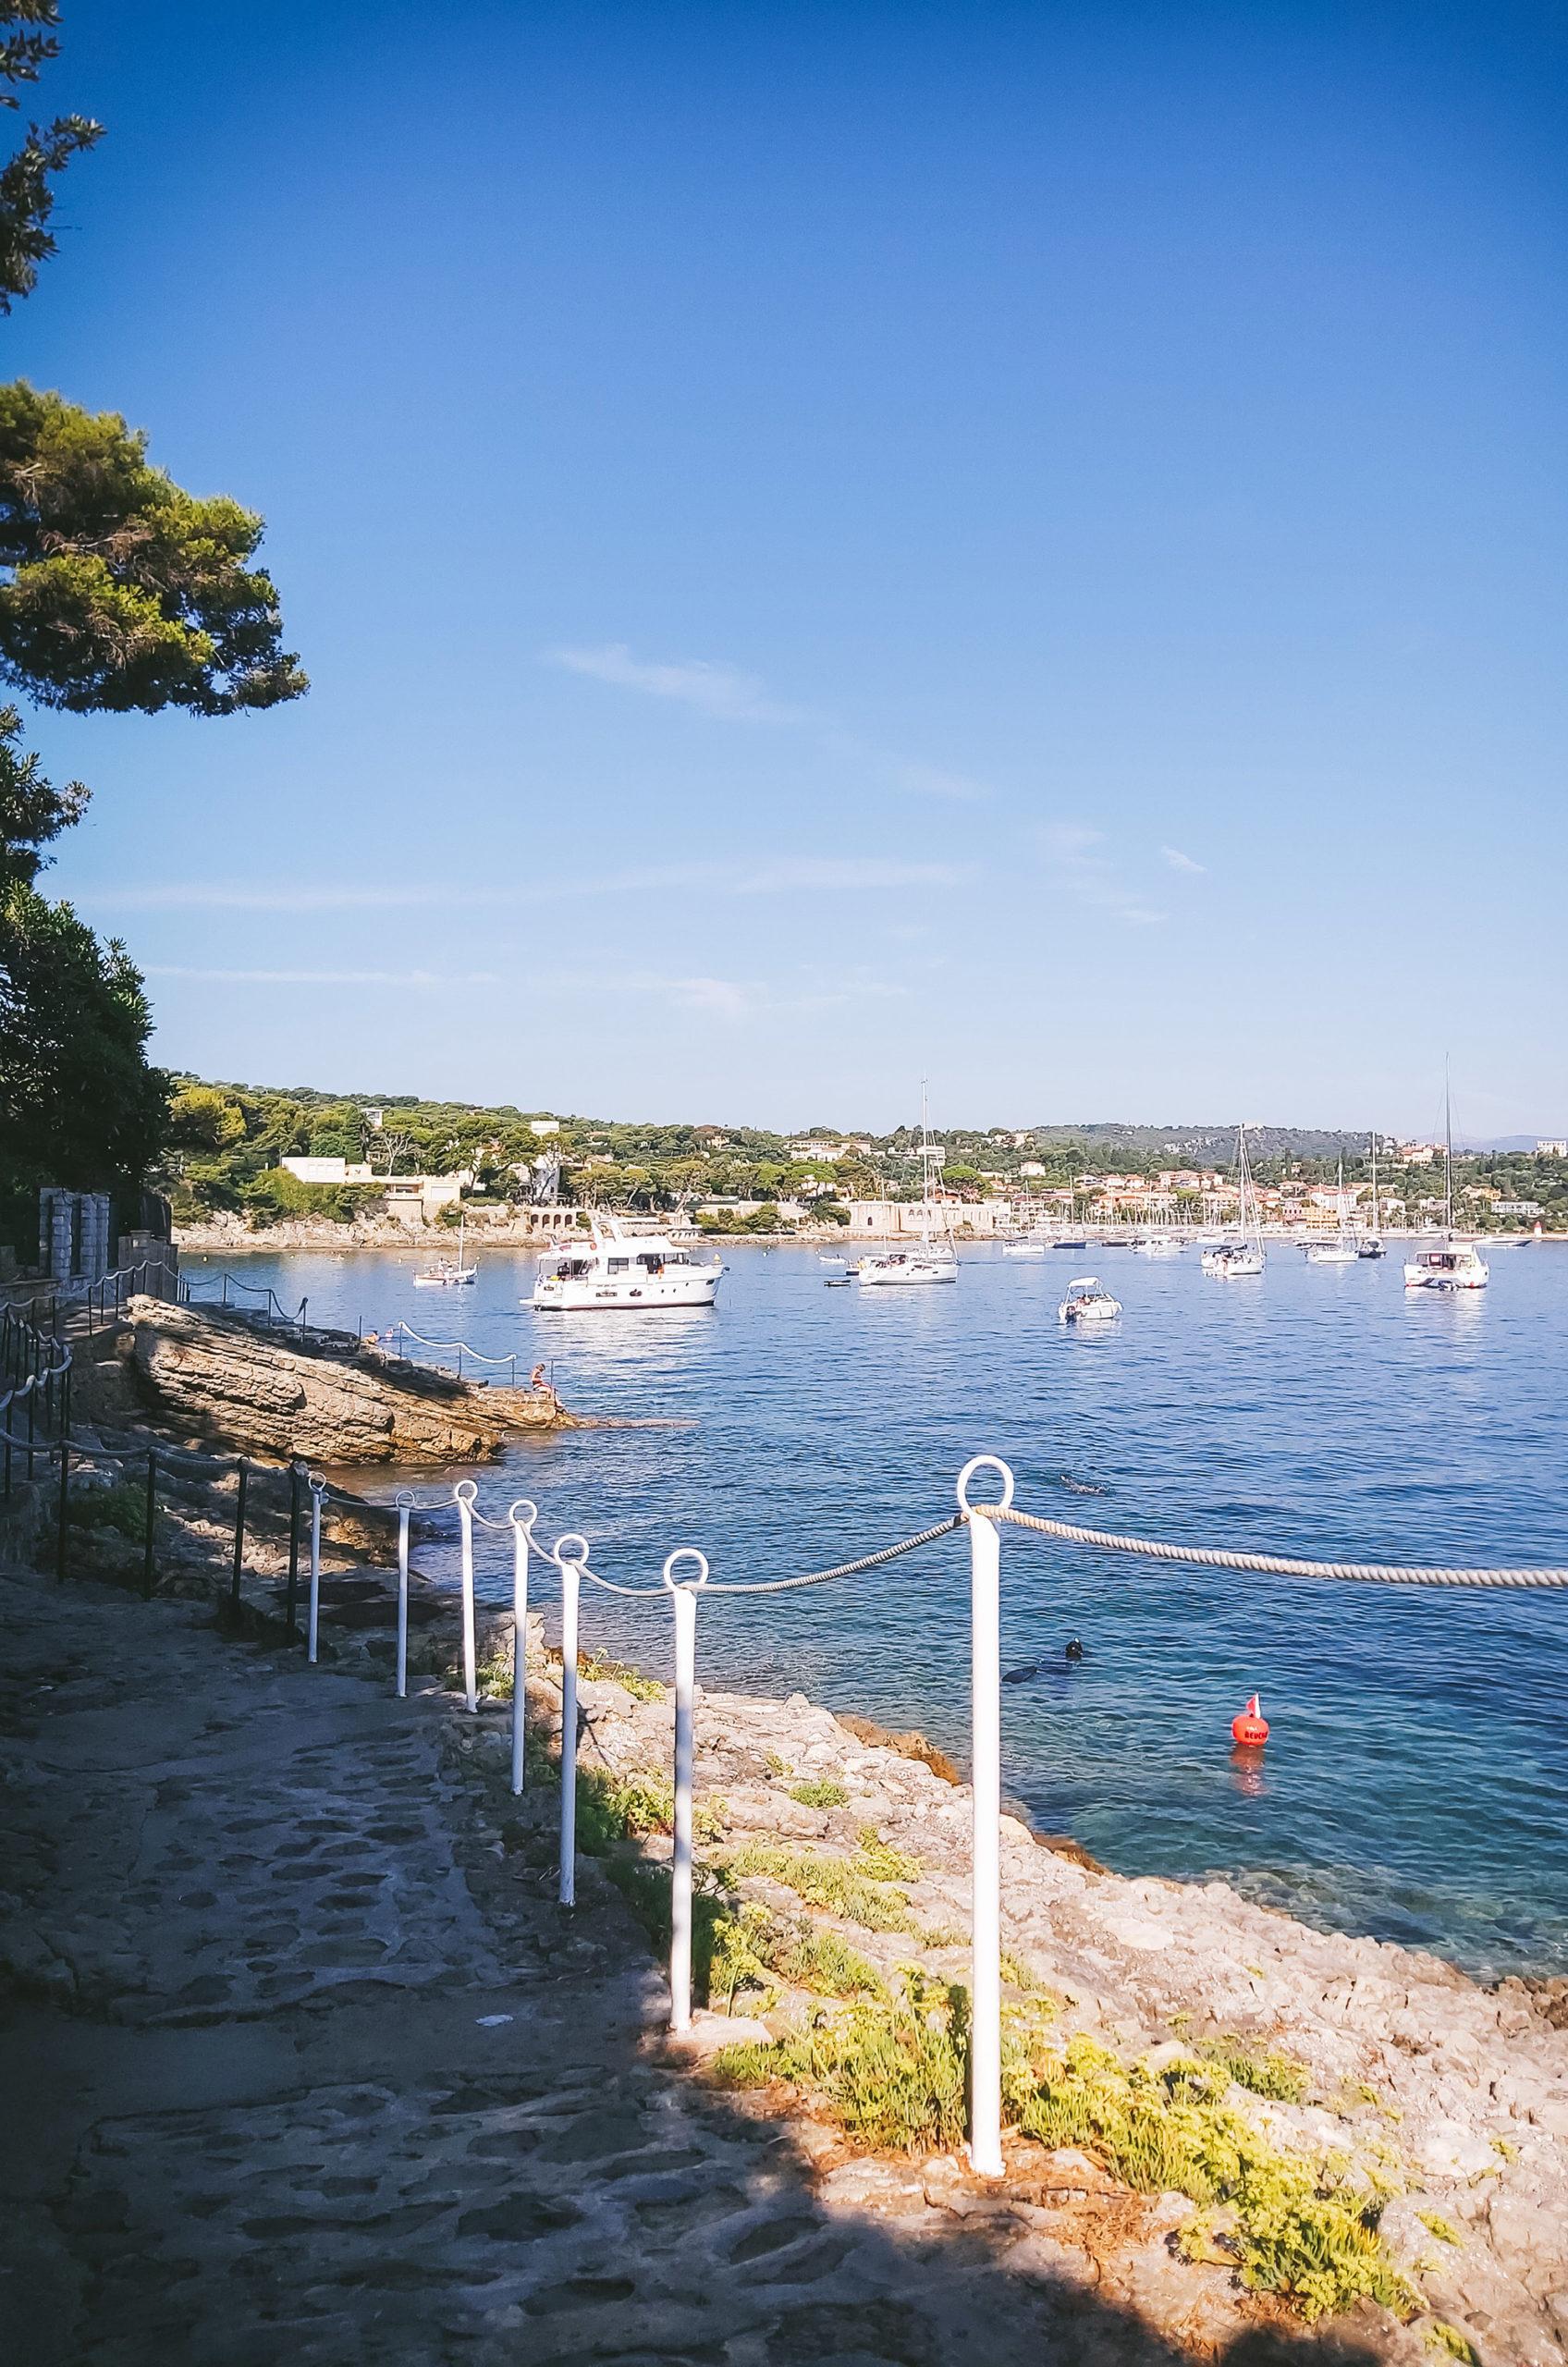 5 choses à faire sans voiture dans la Riviera autour de Nice - Saint Jean Cap Ferrat promenade